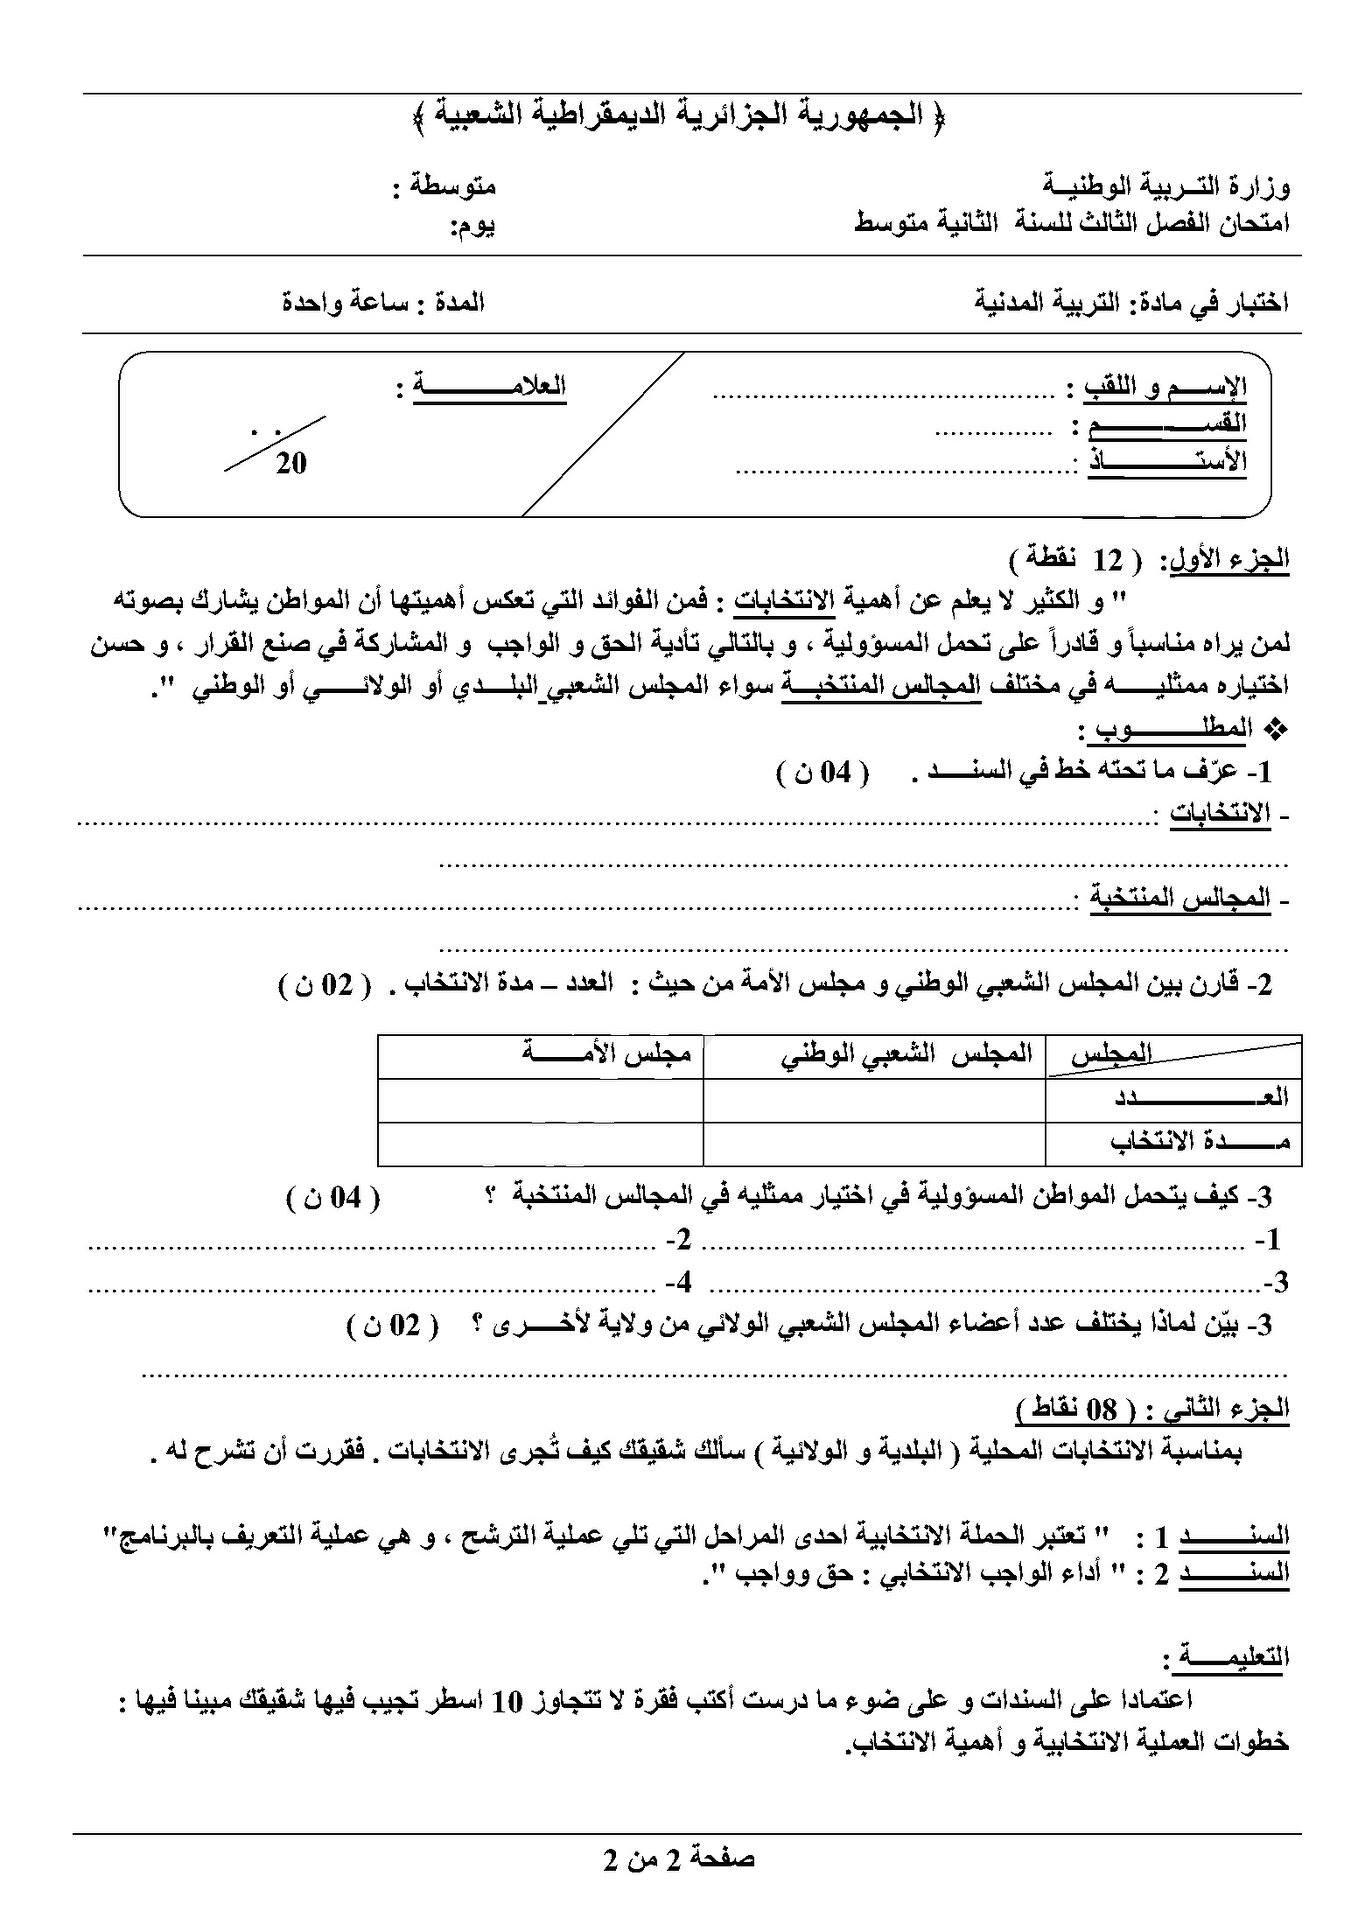 اختبار الفصل الثالث في التربية المدنية السنة الثانية متوسط | الموضوع 08